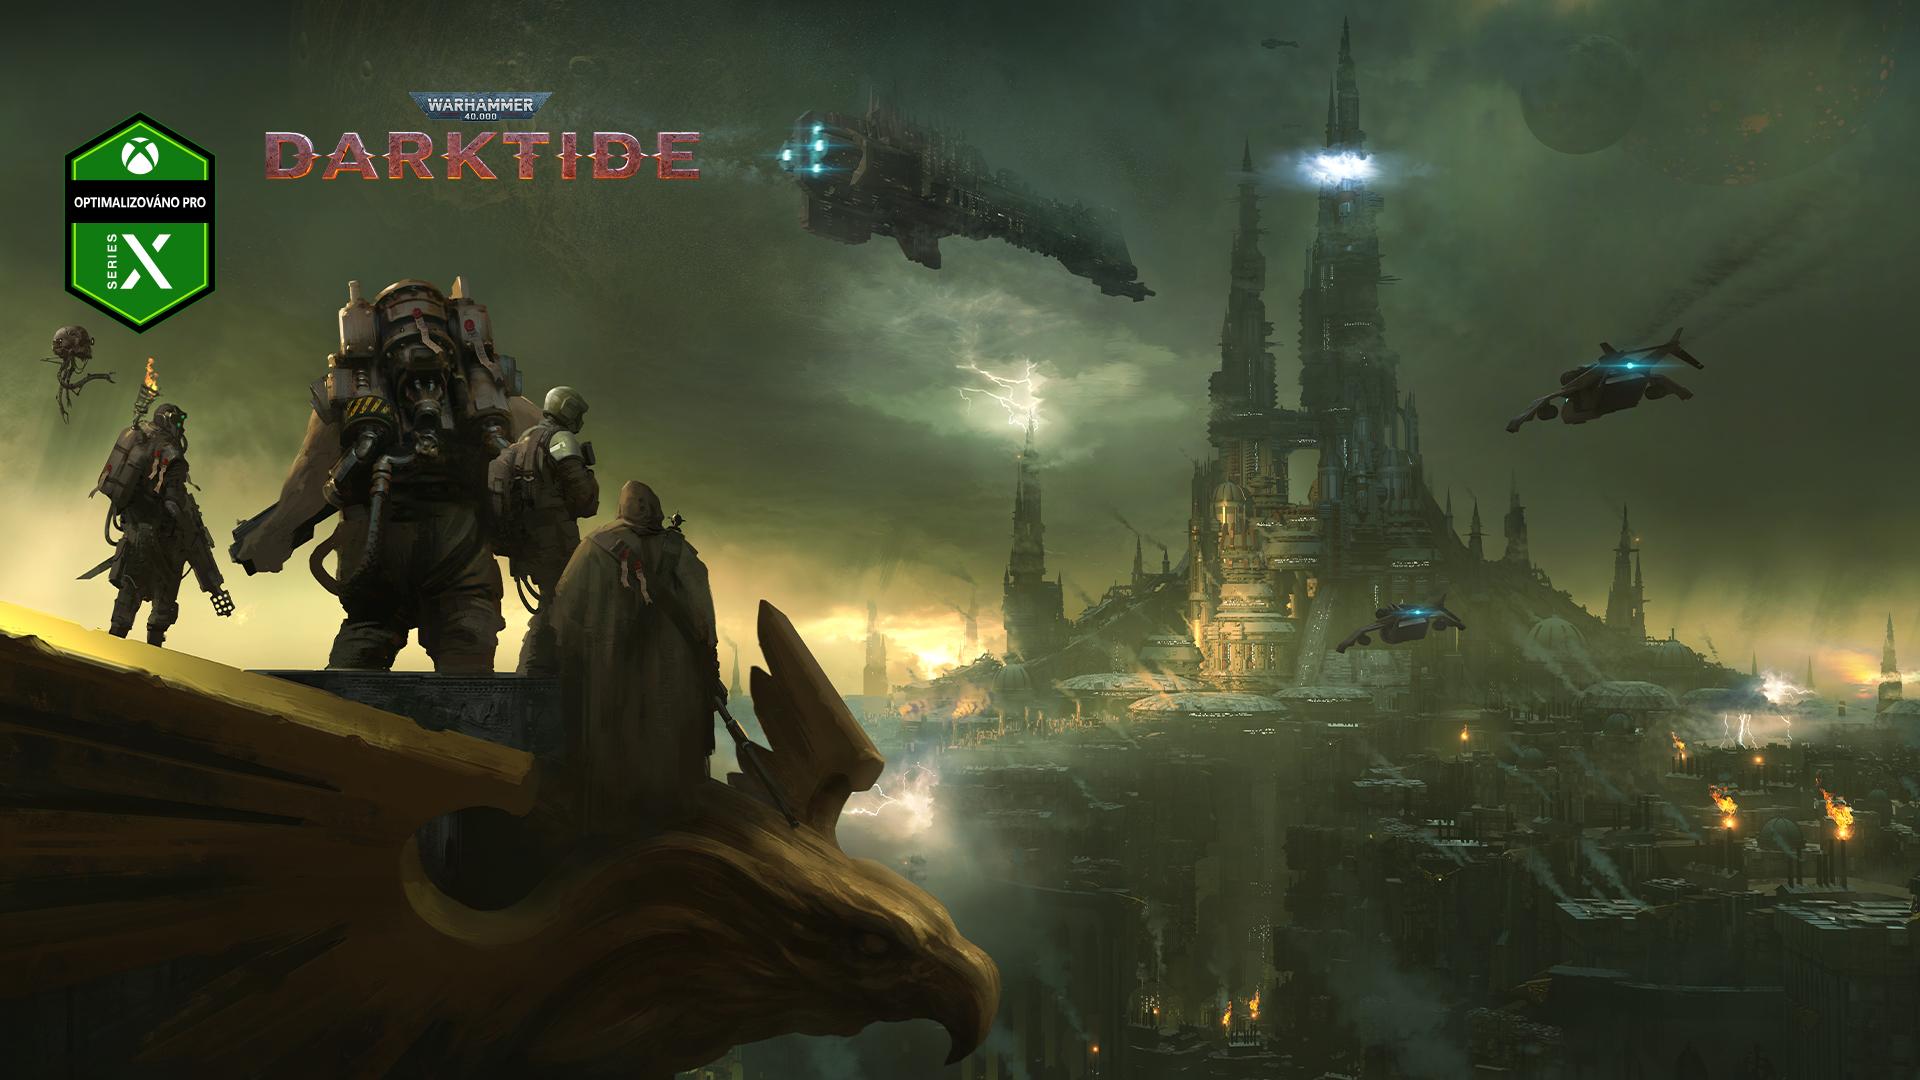 Warhammer 40 000 Darktide optimalizovaný pro Series X, skupina postav shlíží na město zahalené mlhou.